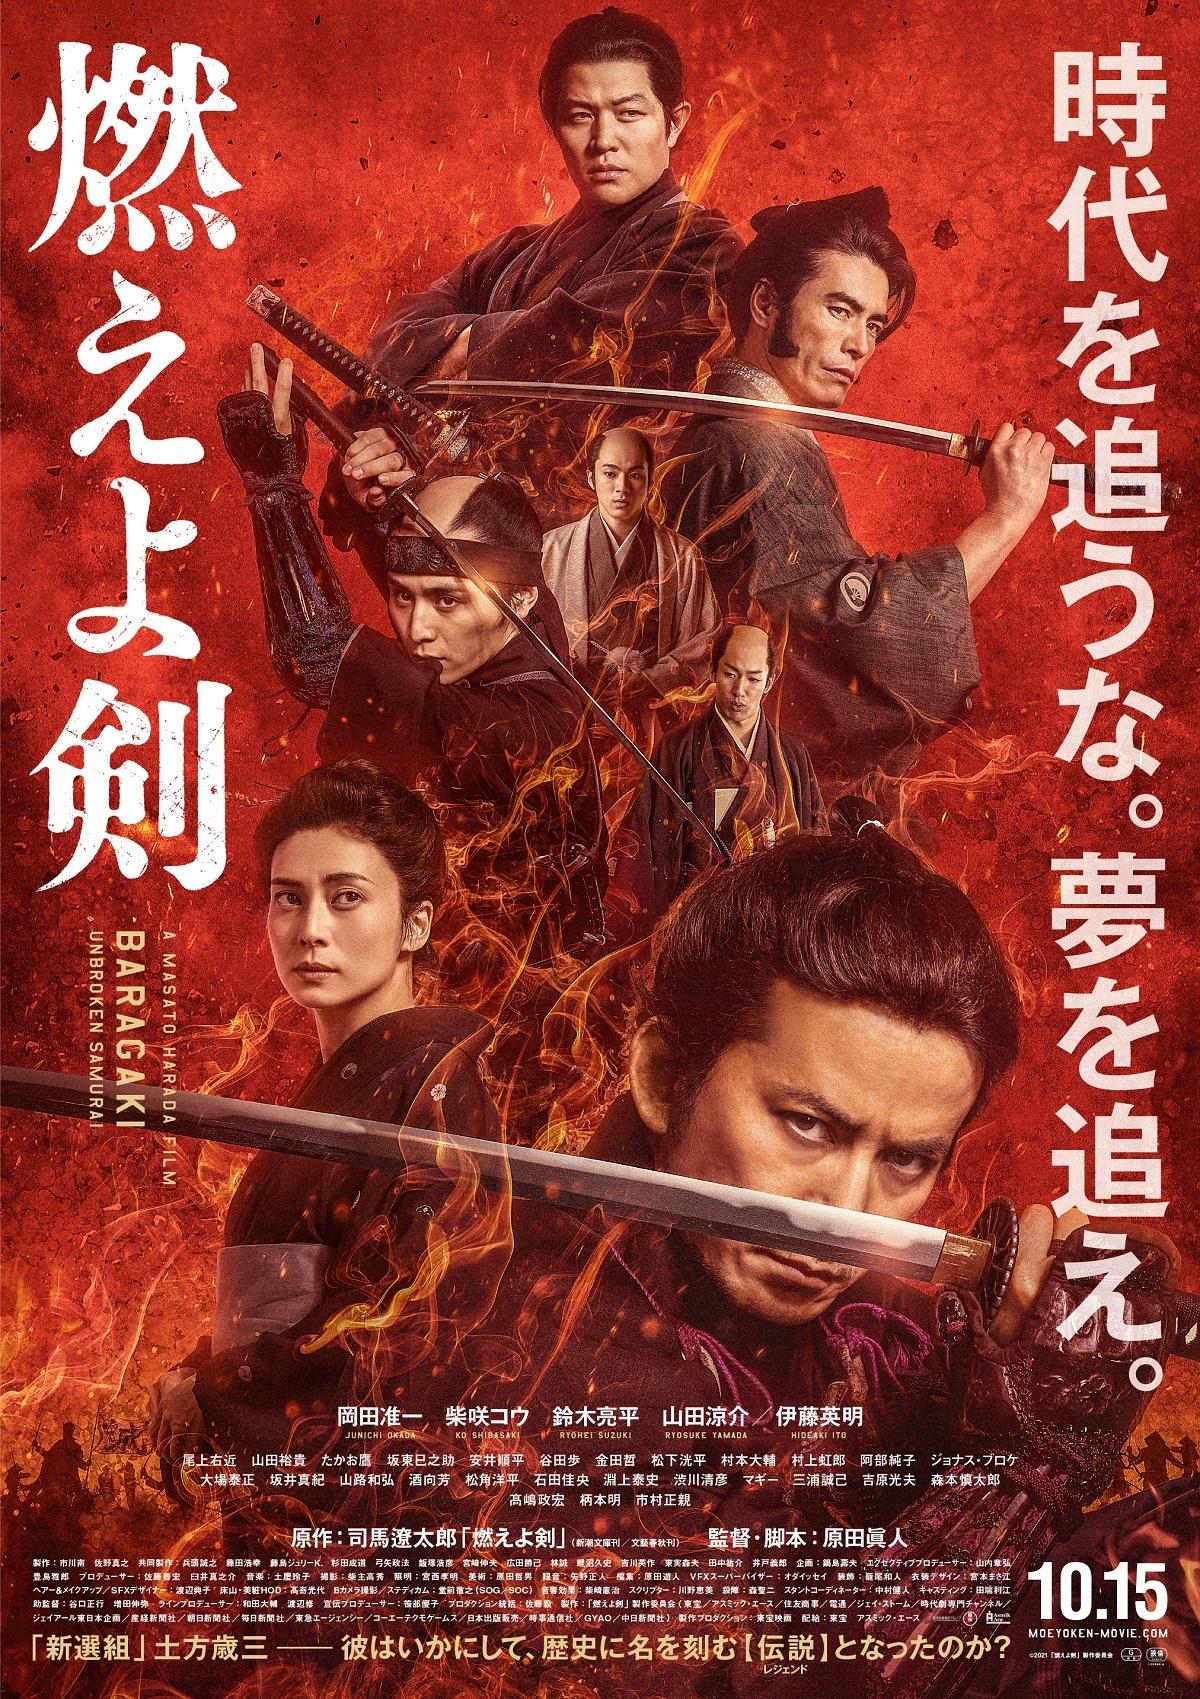 『燃えよ剣』 © 2021「燃えよ剣」製作委員会